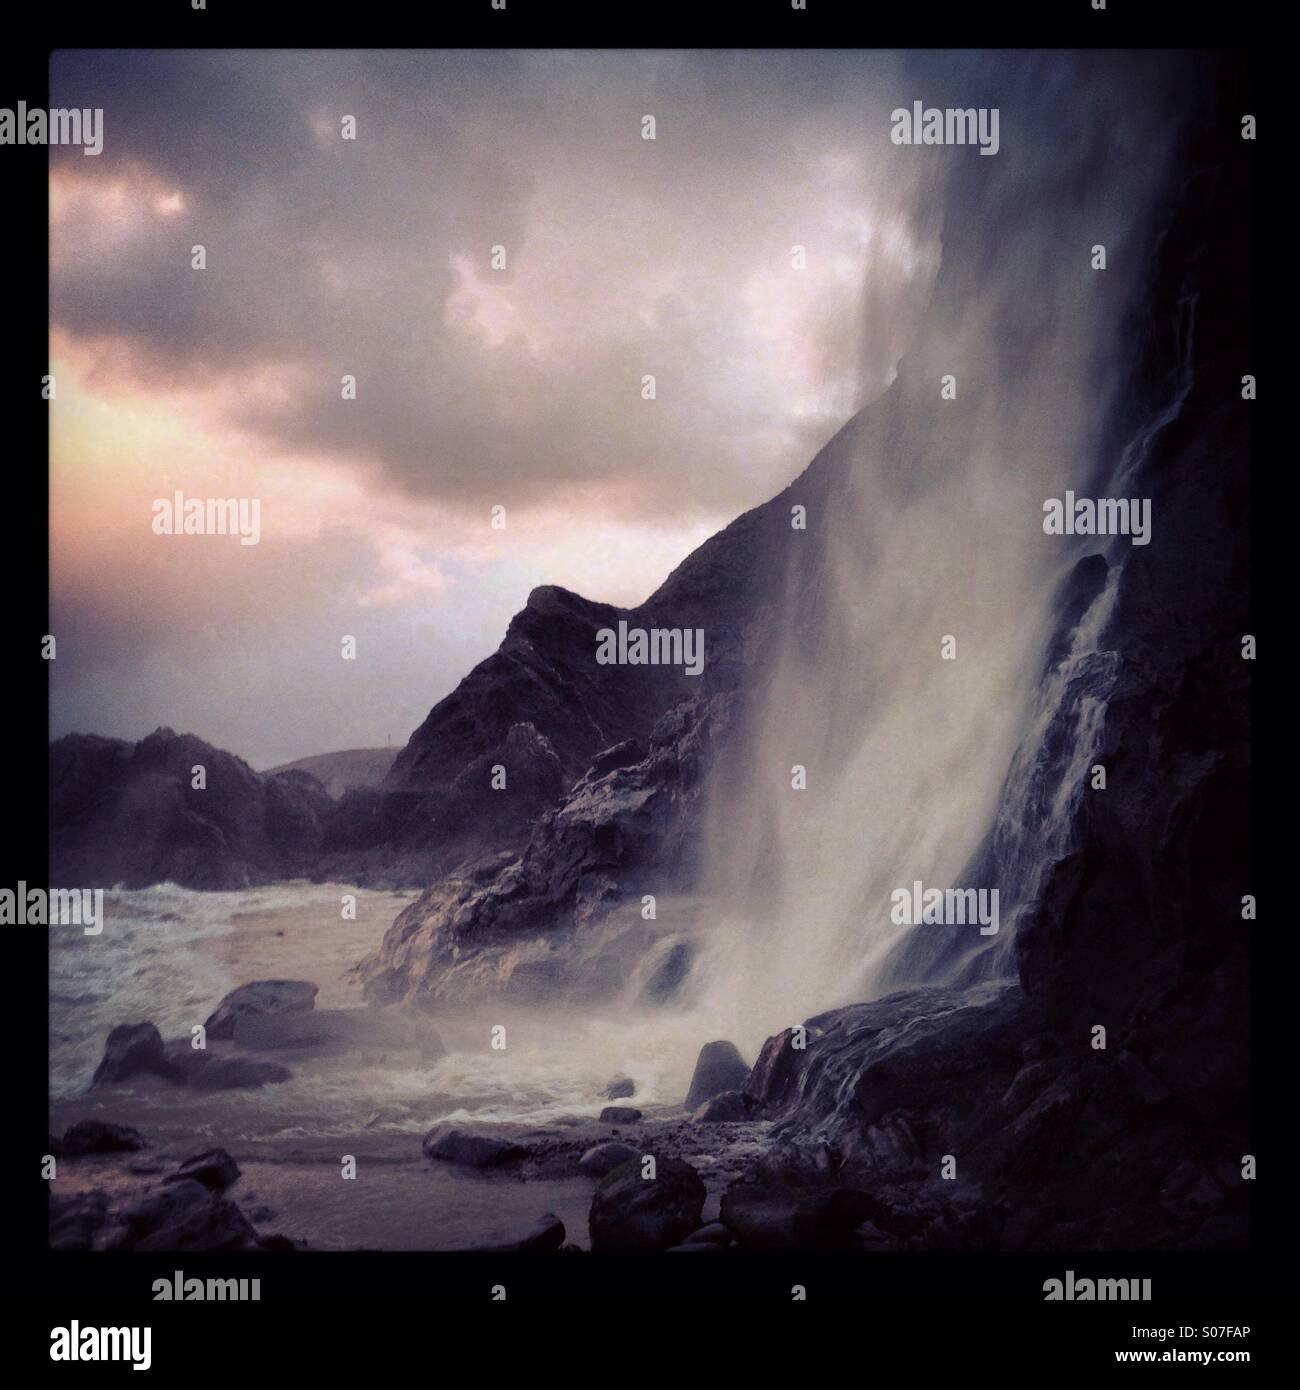 Una cascada en los acantilados junto a la aldea de Tresaith, Wales, REINO UNIDO Imagen De Stock